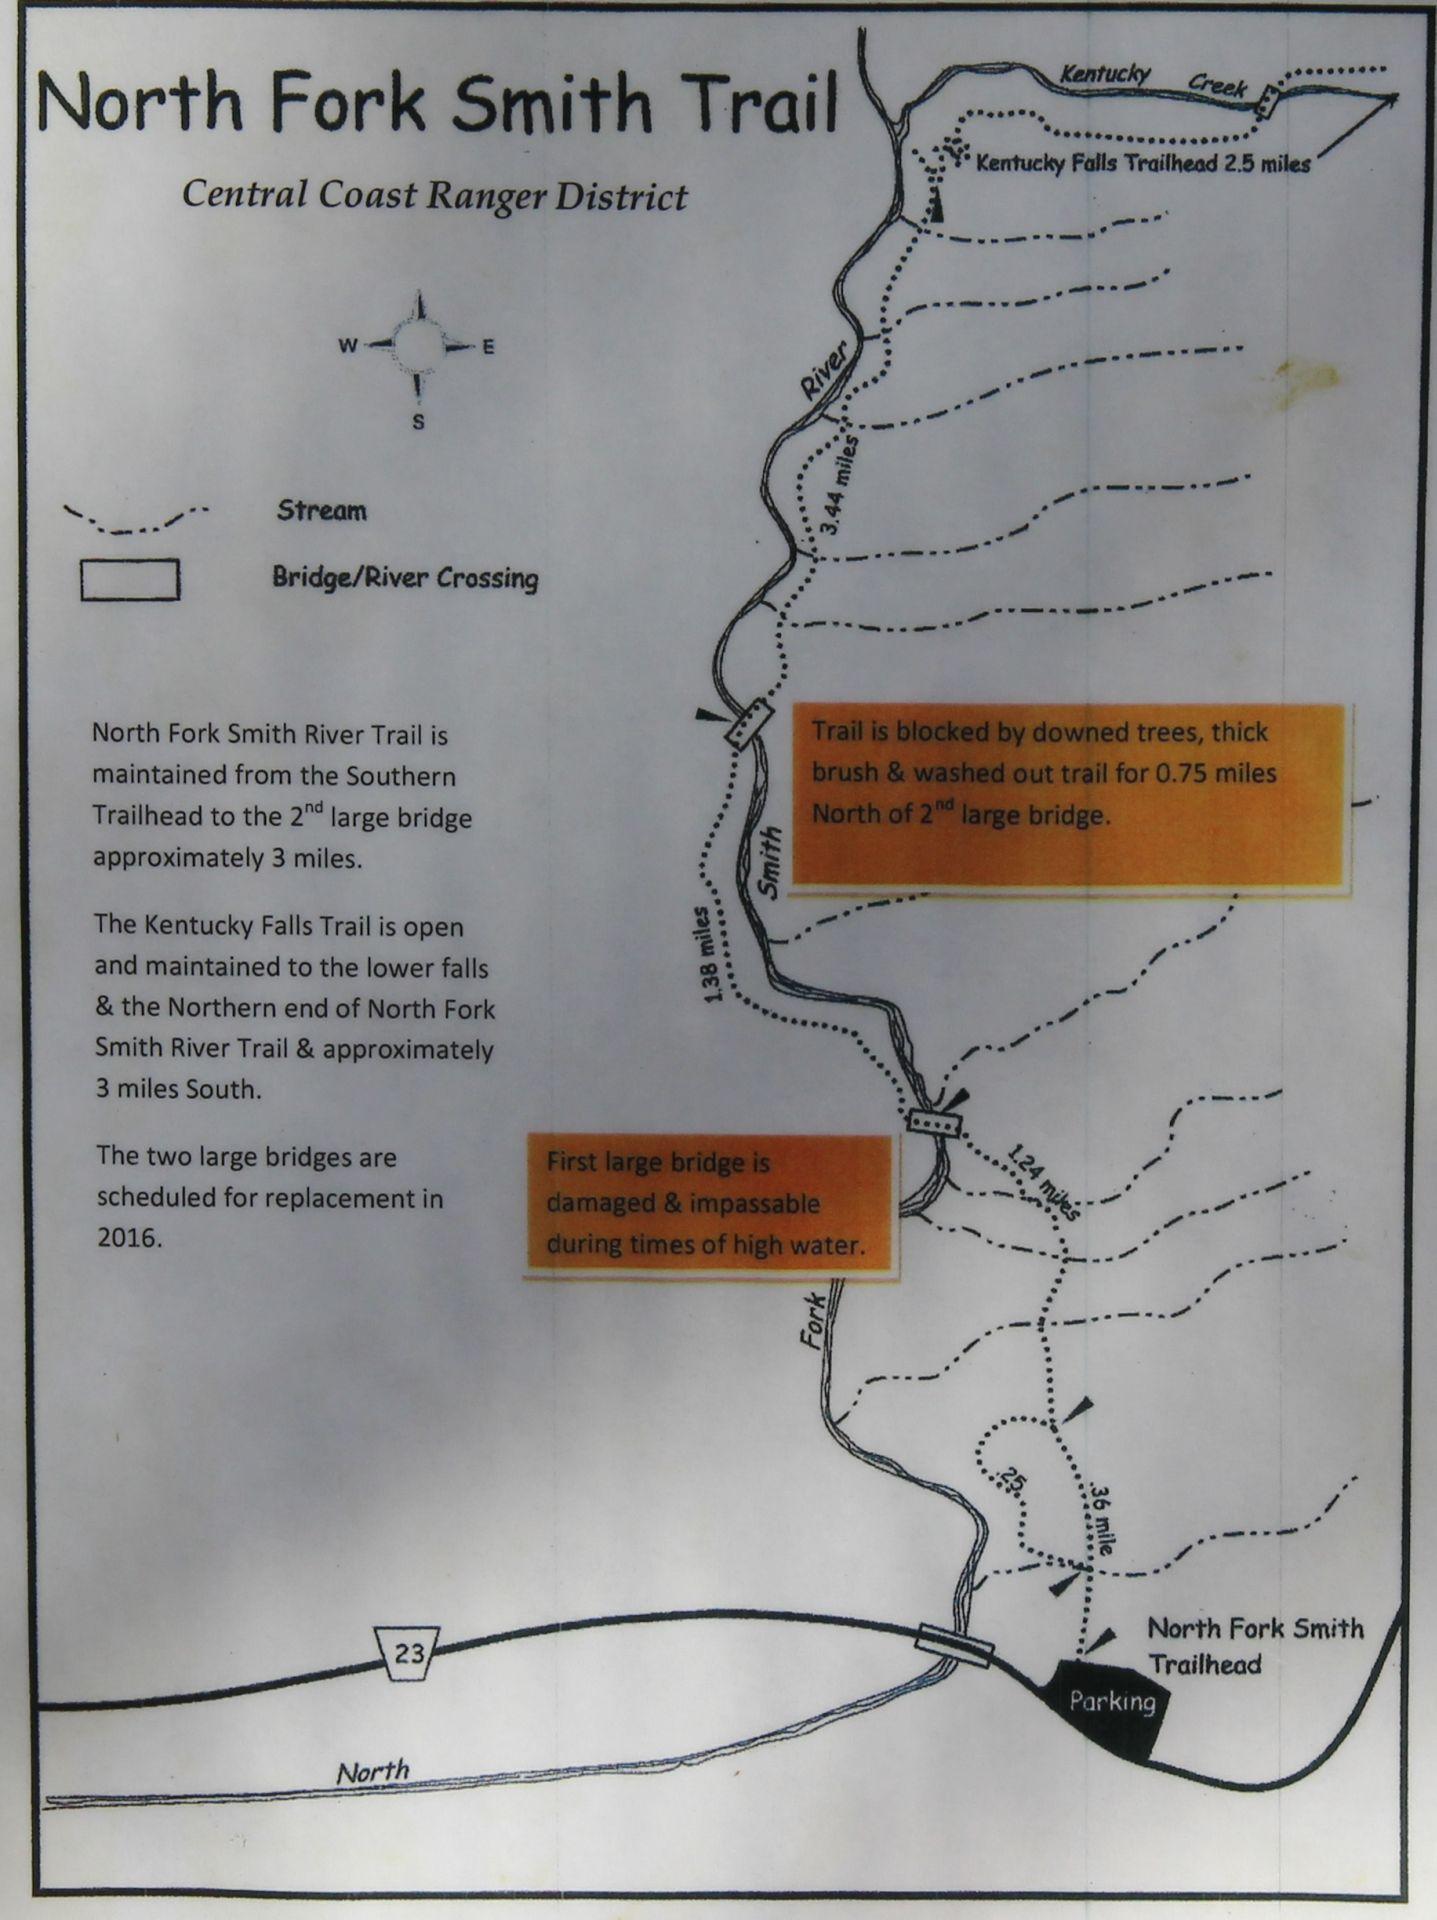 North Fork Smith Trail, Oregon – Briminnie on sandy river, pudding river oregon map, rogue river oregon map, white river falls oregon map, siuslaw river, smith river virginia map, metolius river, coquille river, smith river ca, crooked river, smith river california map, lost river, siletz river oregon map, salmon river oregon map, umpqua river, donner und blitzen river, little river, chetco river, wilson river oregon map, imnaha river, silvies river, illinois river oregon map, sun river oregon map, whitewater river california map, calapooia river, sandy river oregon map, applegate river, smith river or, clackamas river, calapooia river oregon map, molalla river, umpqua river oregon map, illinois river, smith river washington map, yachats river, willamette river oregon map, smith river recreation area, nestucca river oregon map, sycan river, clearwater river,